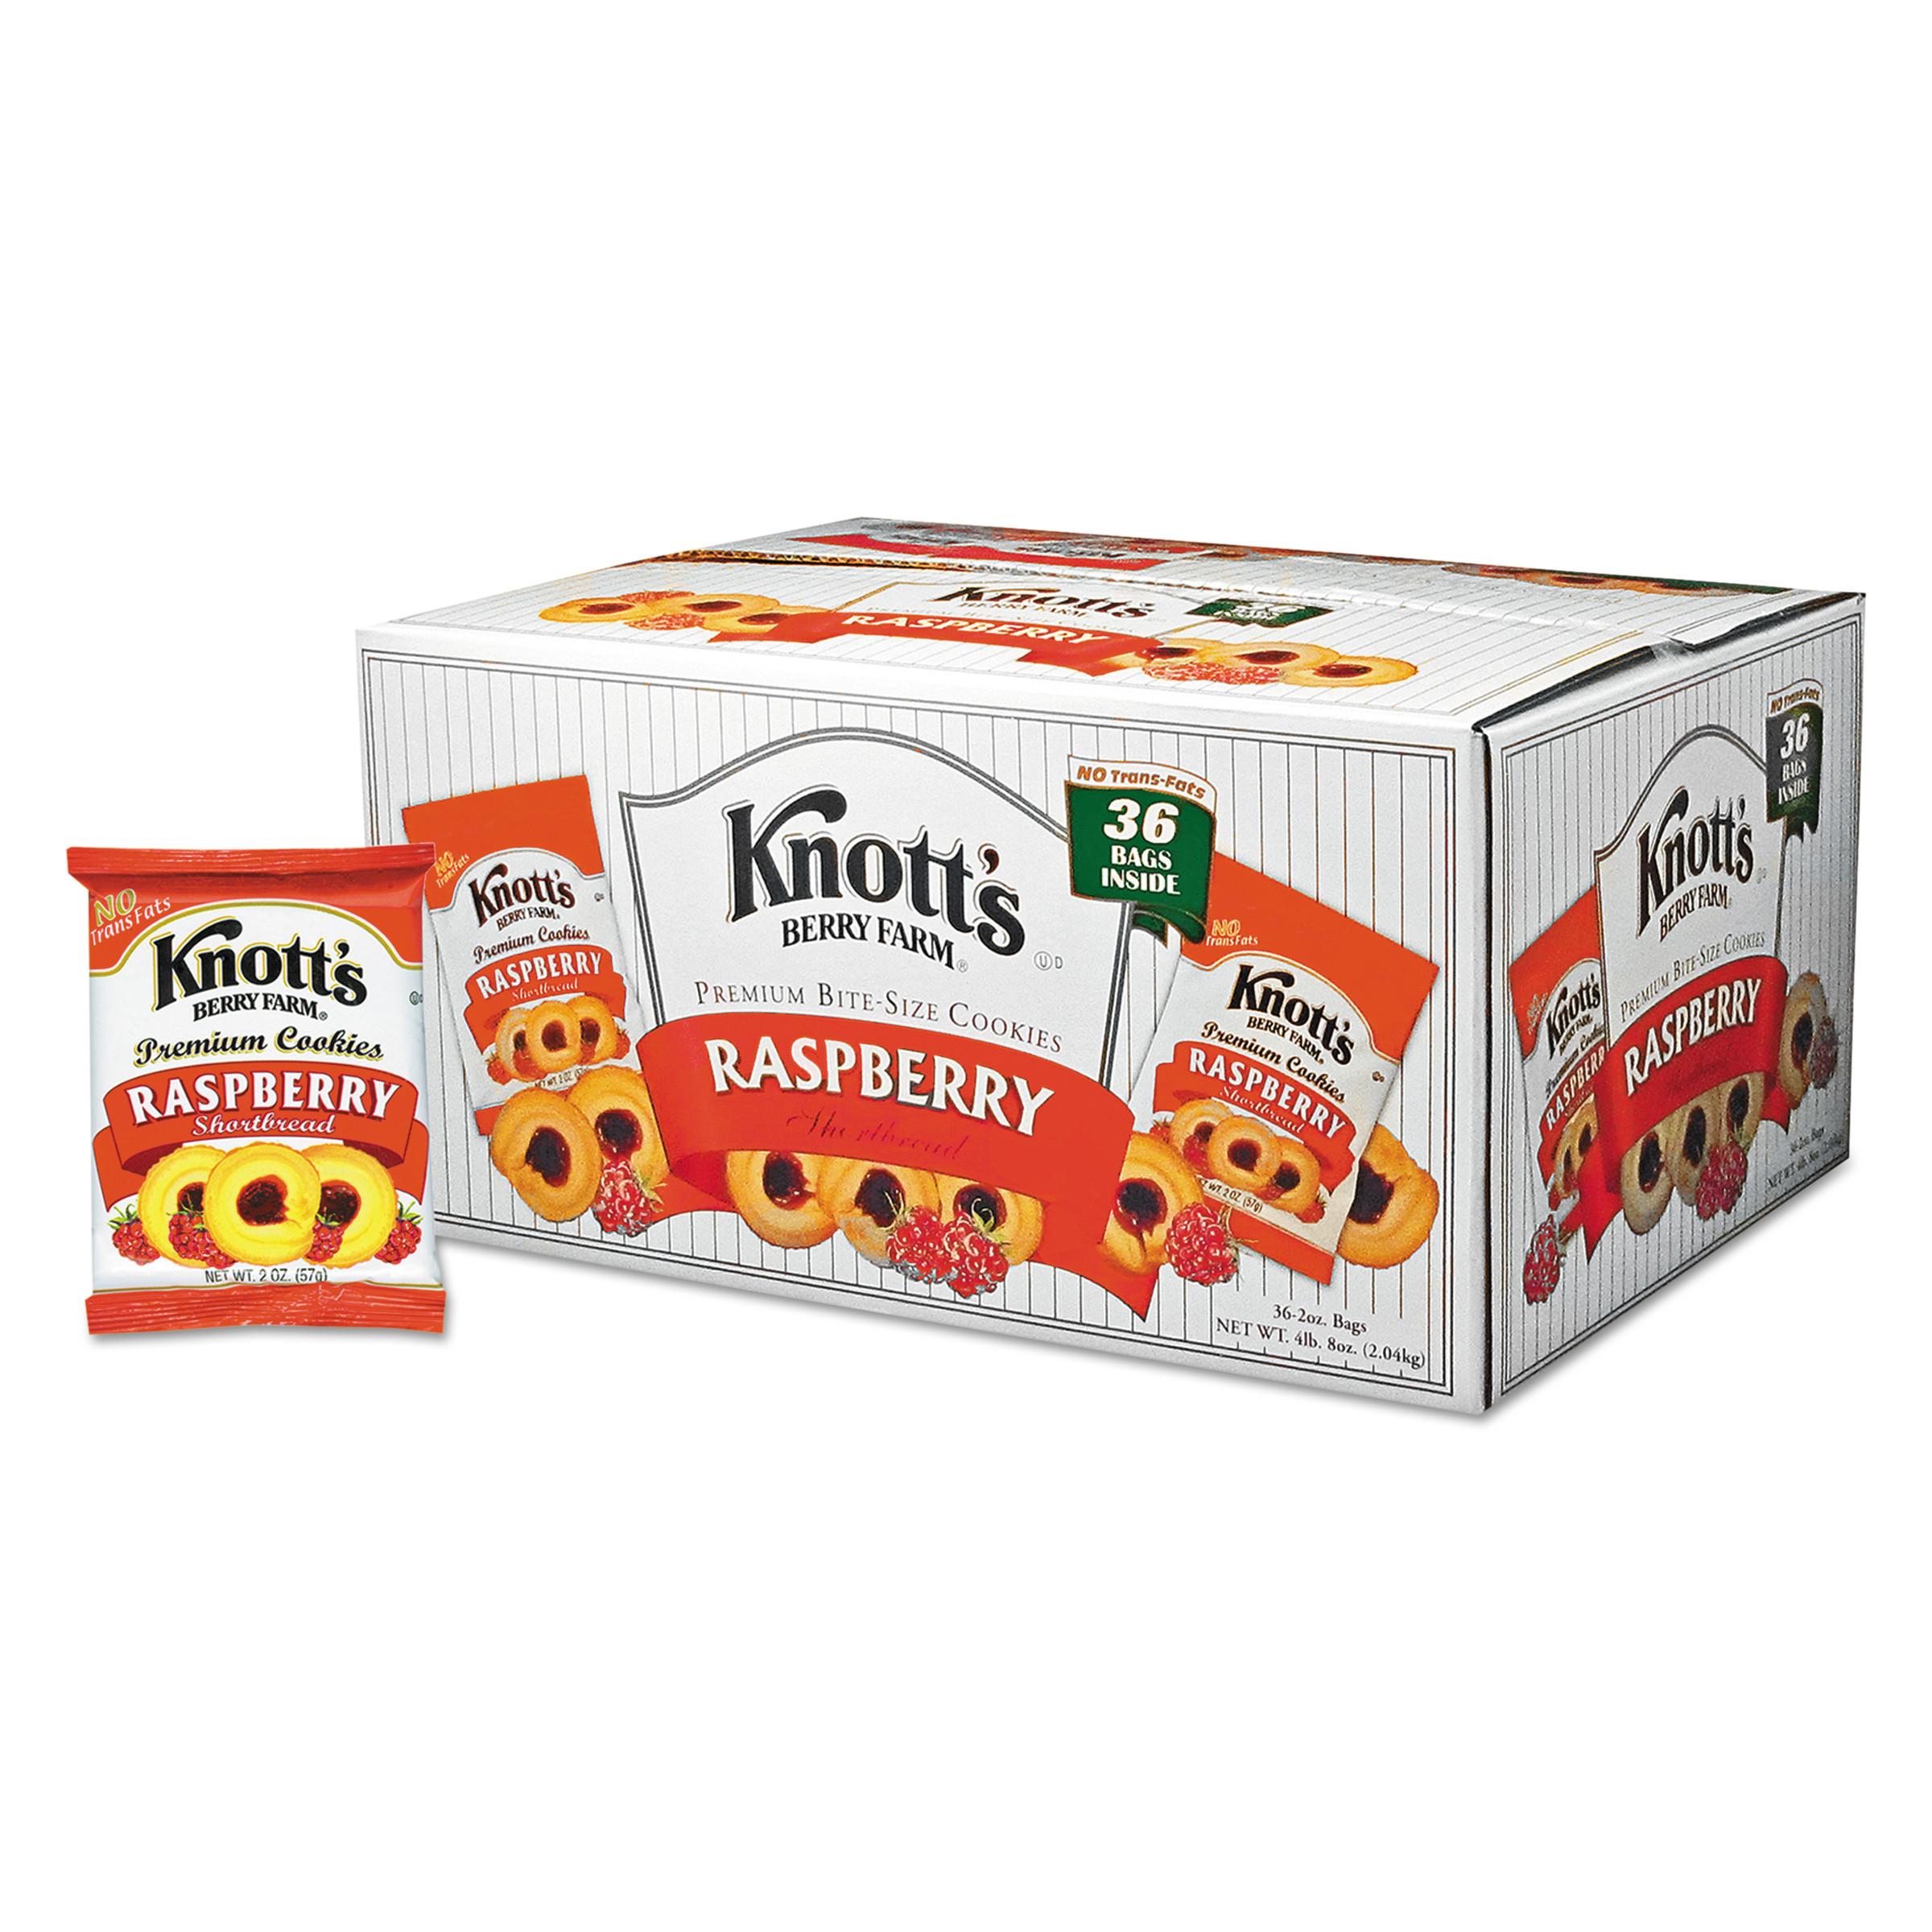 Knott's Berry Farm - Premium Berry Jam Shortbread Cookies 2 Oz Pack 36/Carton